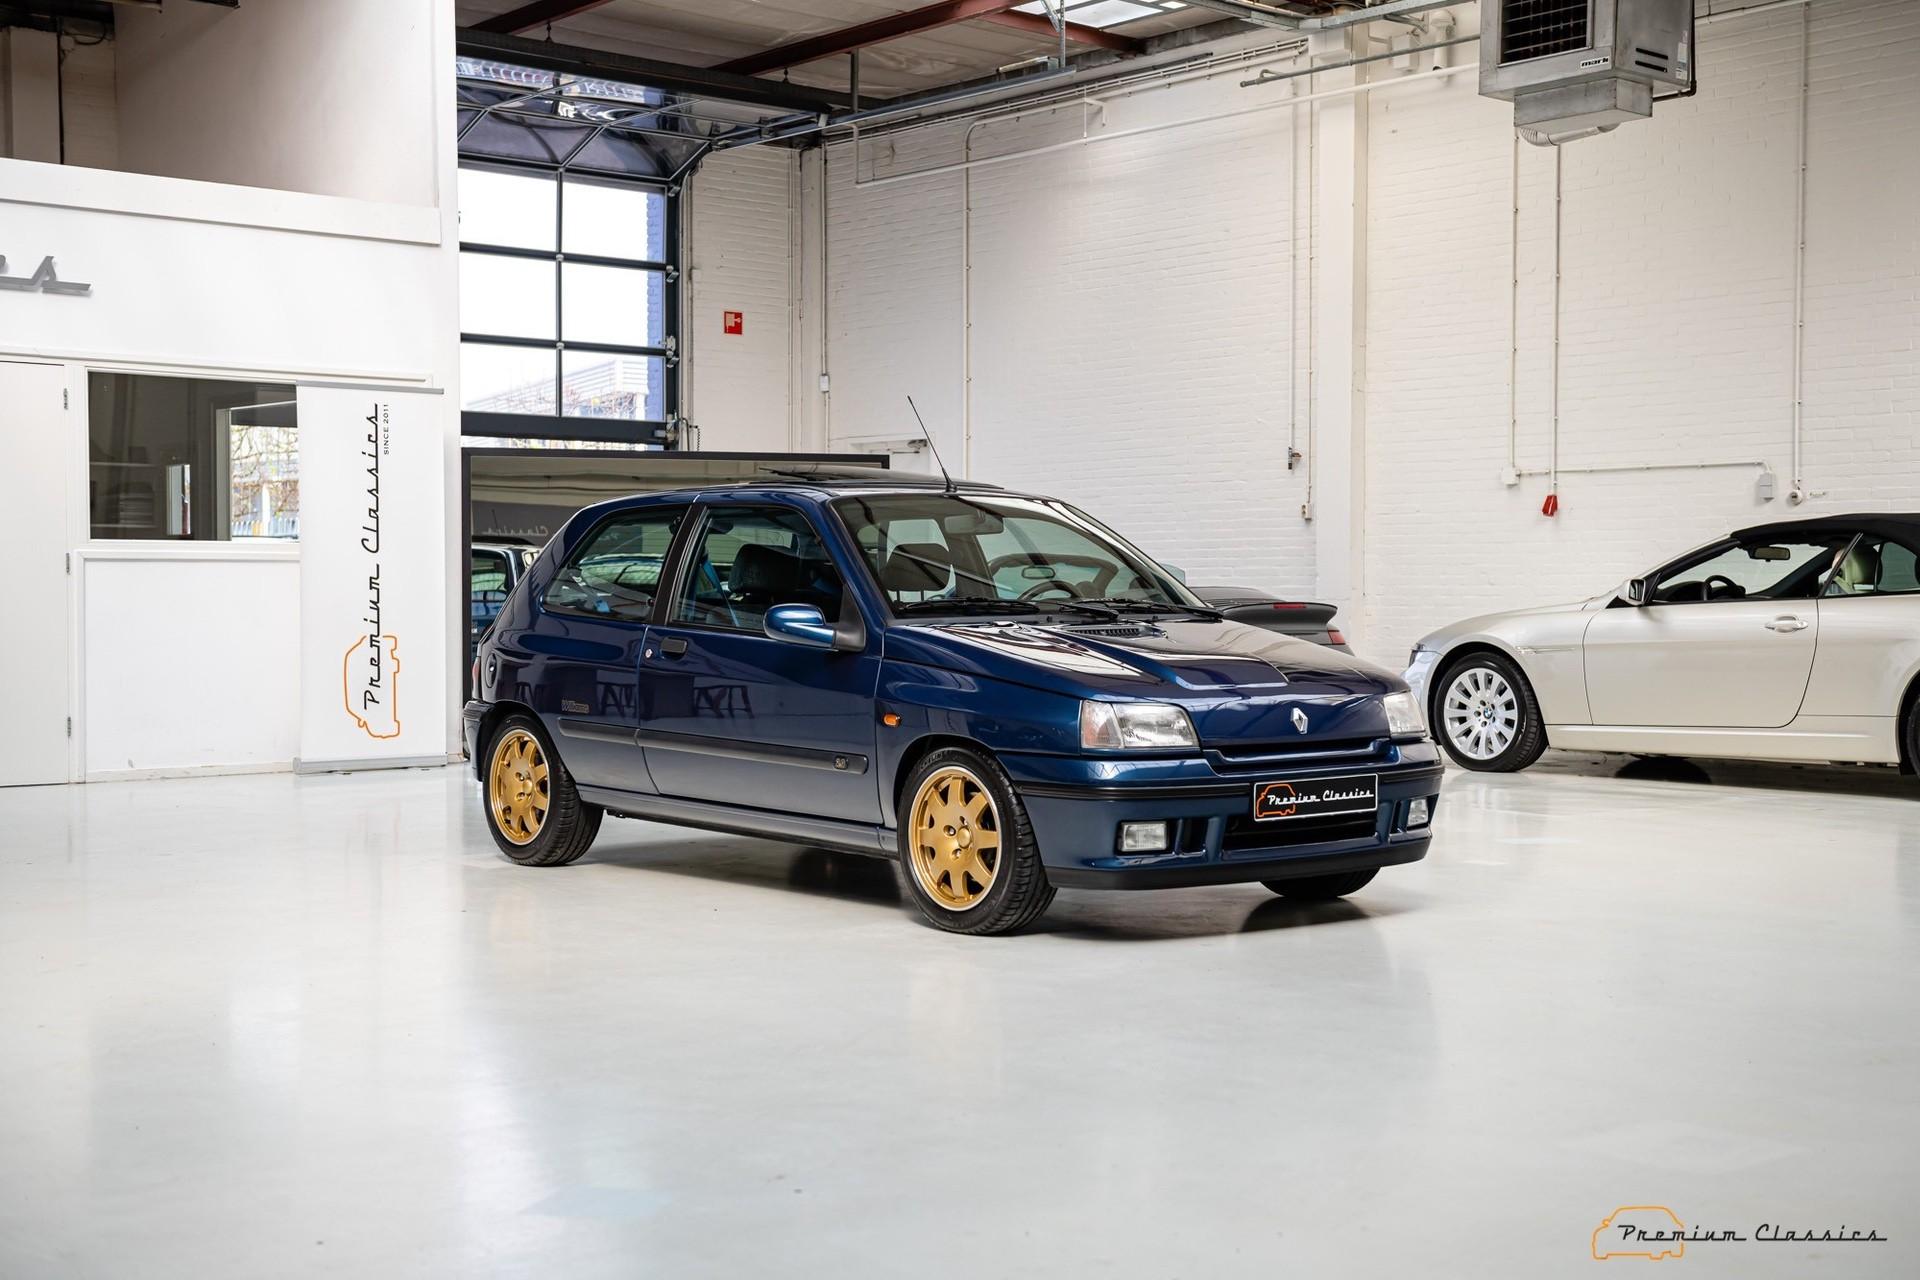 Renault_Clio_Williams_sale-0003